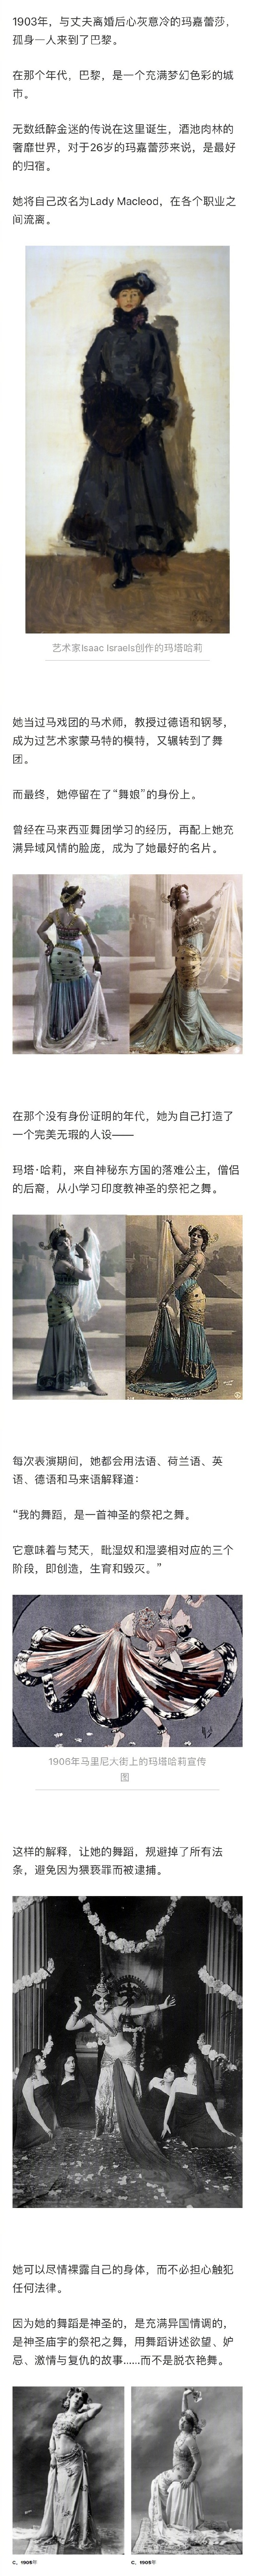 她是巴黎最红的脱衣舞娘,是来自古老神秘东方的神之女,一生都是一个悲剧的传奇 涨姿势 第4张